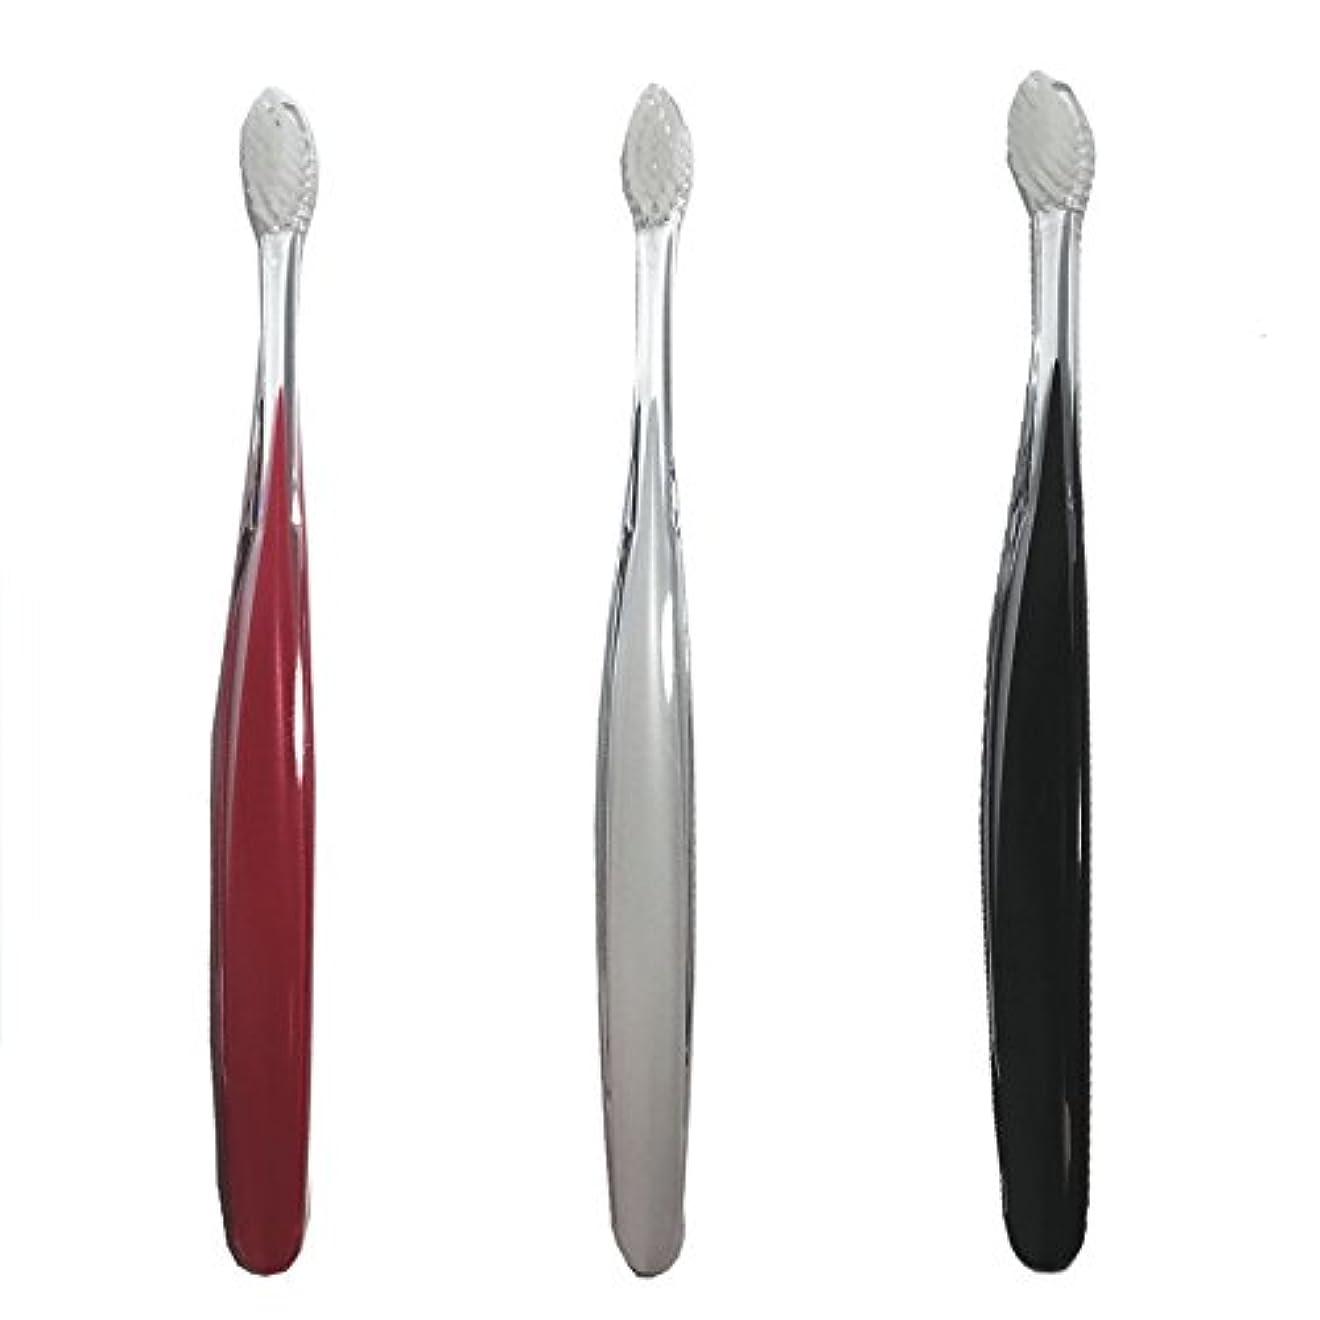 おなじみの効能あるカトリック教徒サムライ(SAMRAI)歯ブラシ ふつう 3色セット